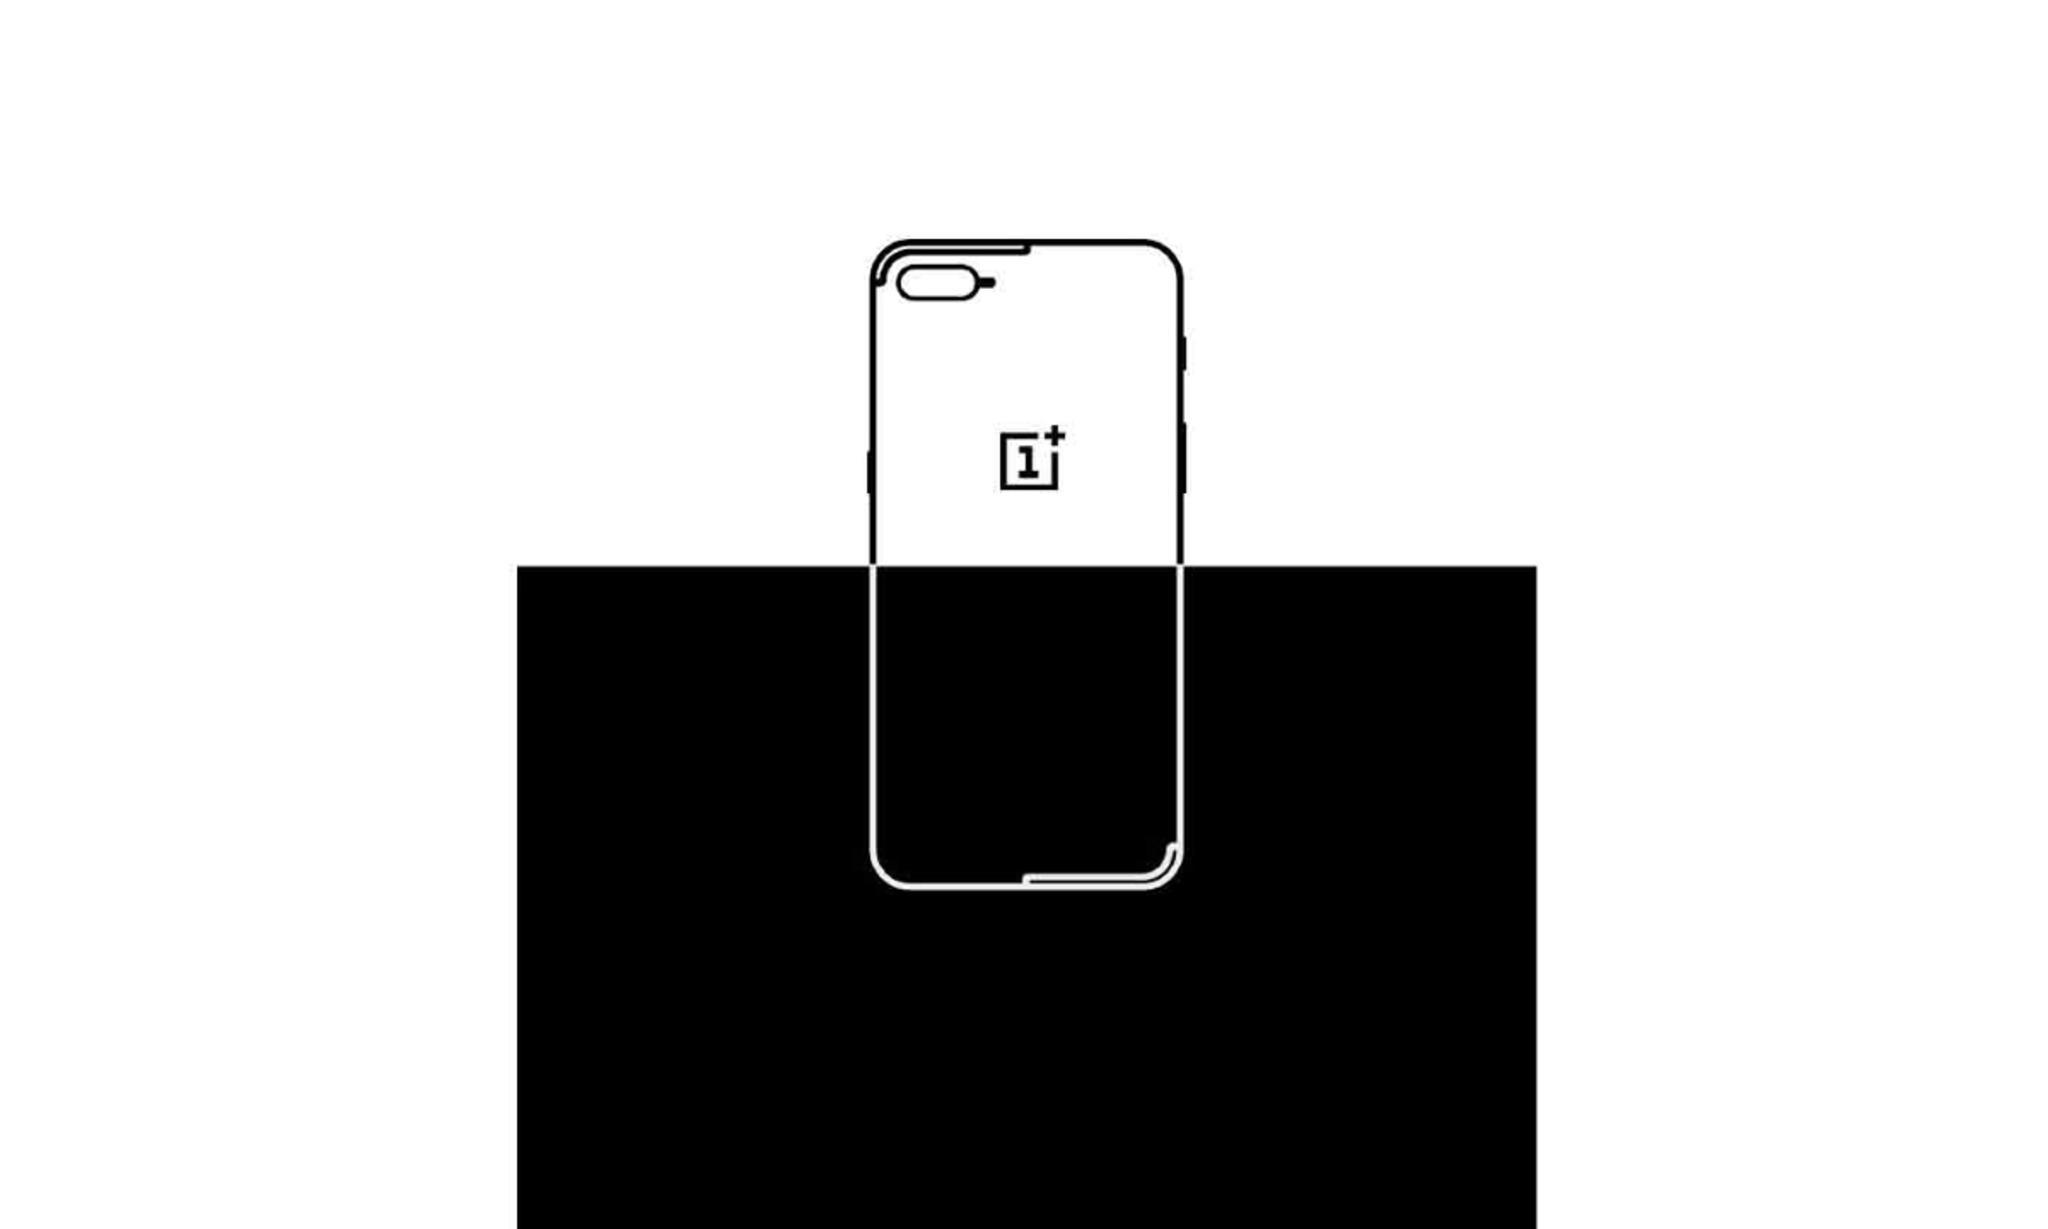 Die Dual-Kamera des OnePlus 5 könnte einen Schwarz-Weiß-Modus bieten.